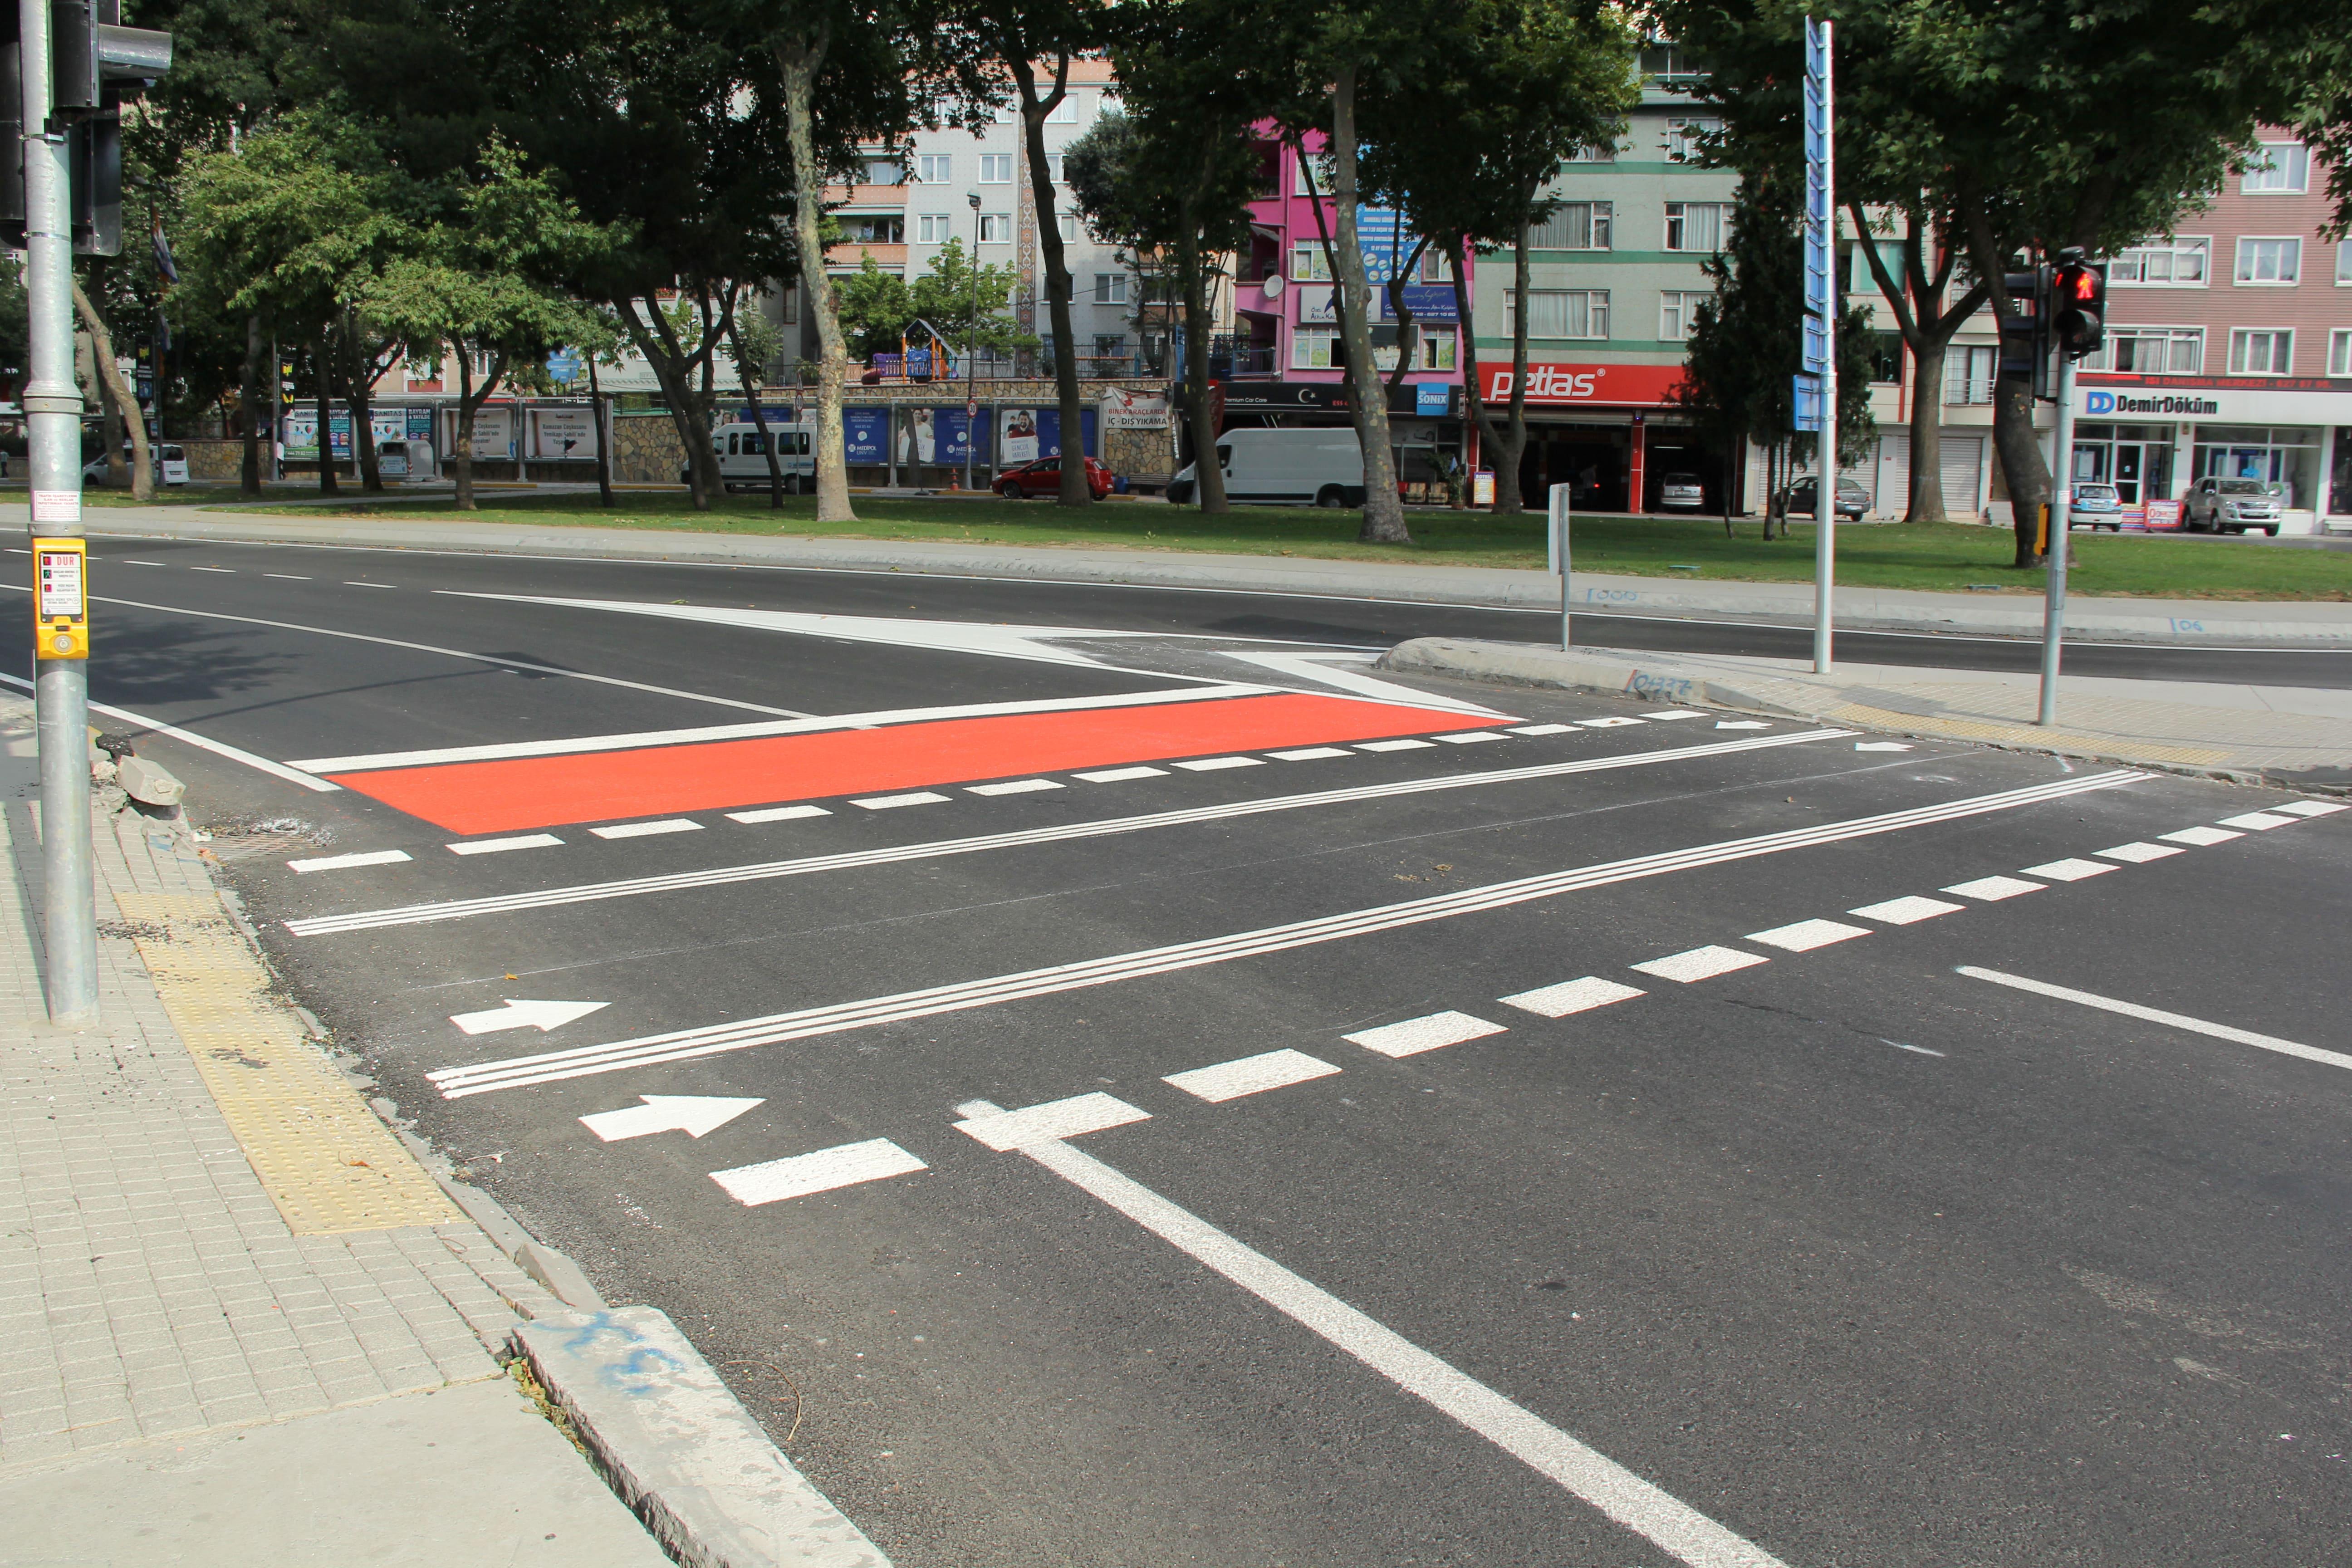 İstanbul Büyükşehir Belediyesi Yatay İşaretleme Çalışmaları